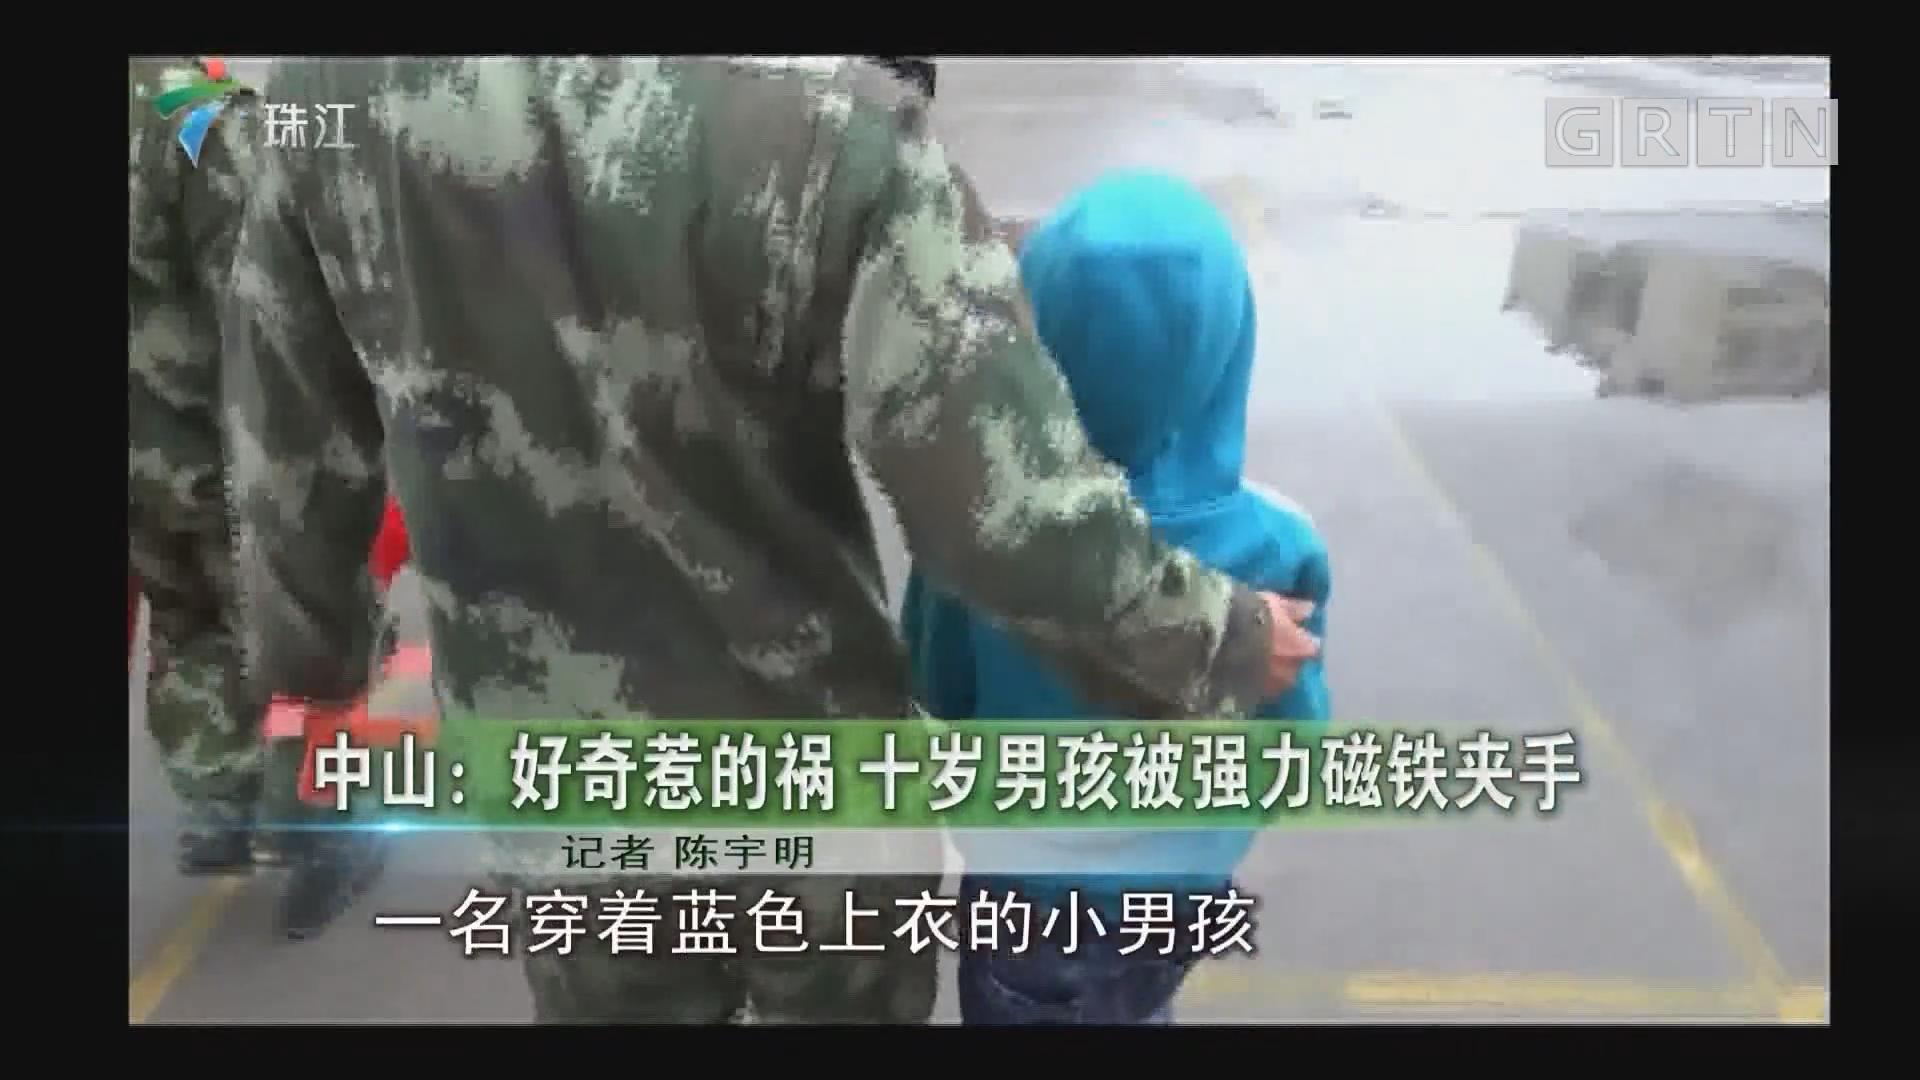 中山:好奇惹的祸 十岁男孩被强力磁铁夹手